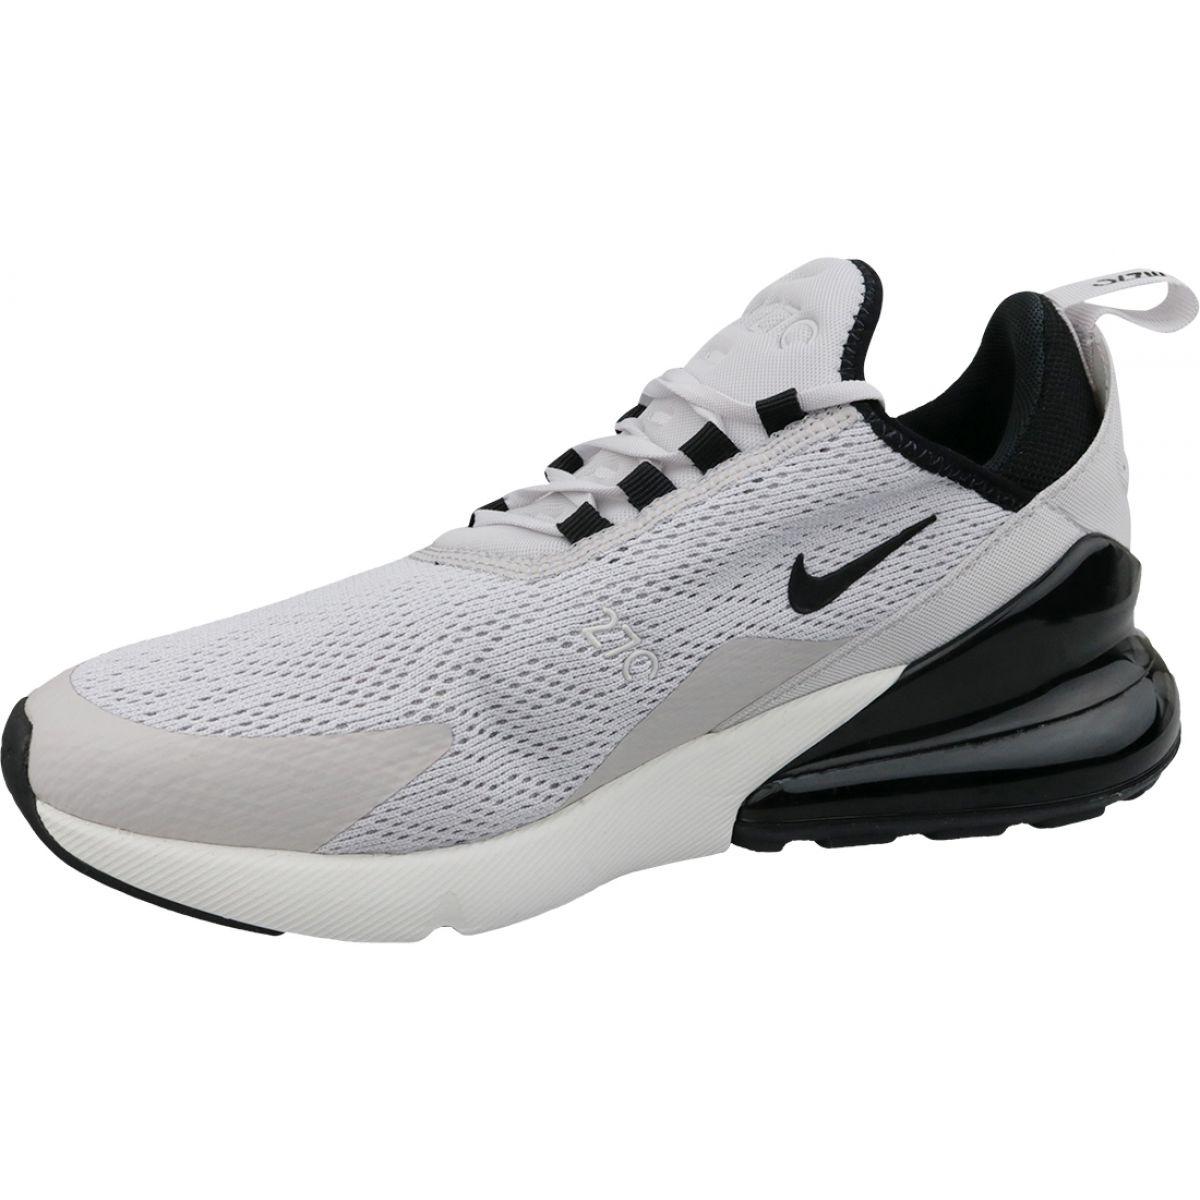 Nike Air Max 270 W AH6789 012 cipő fehér